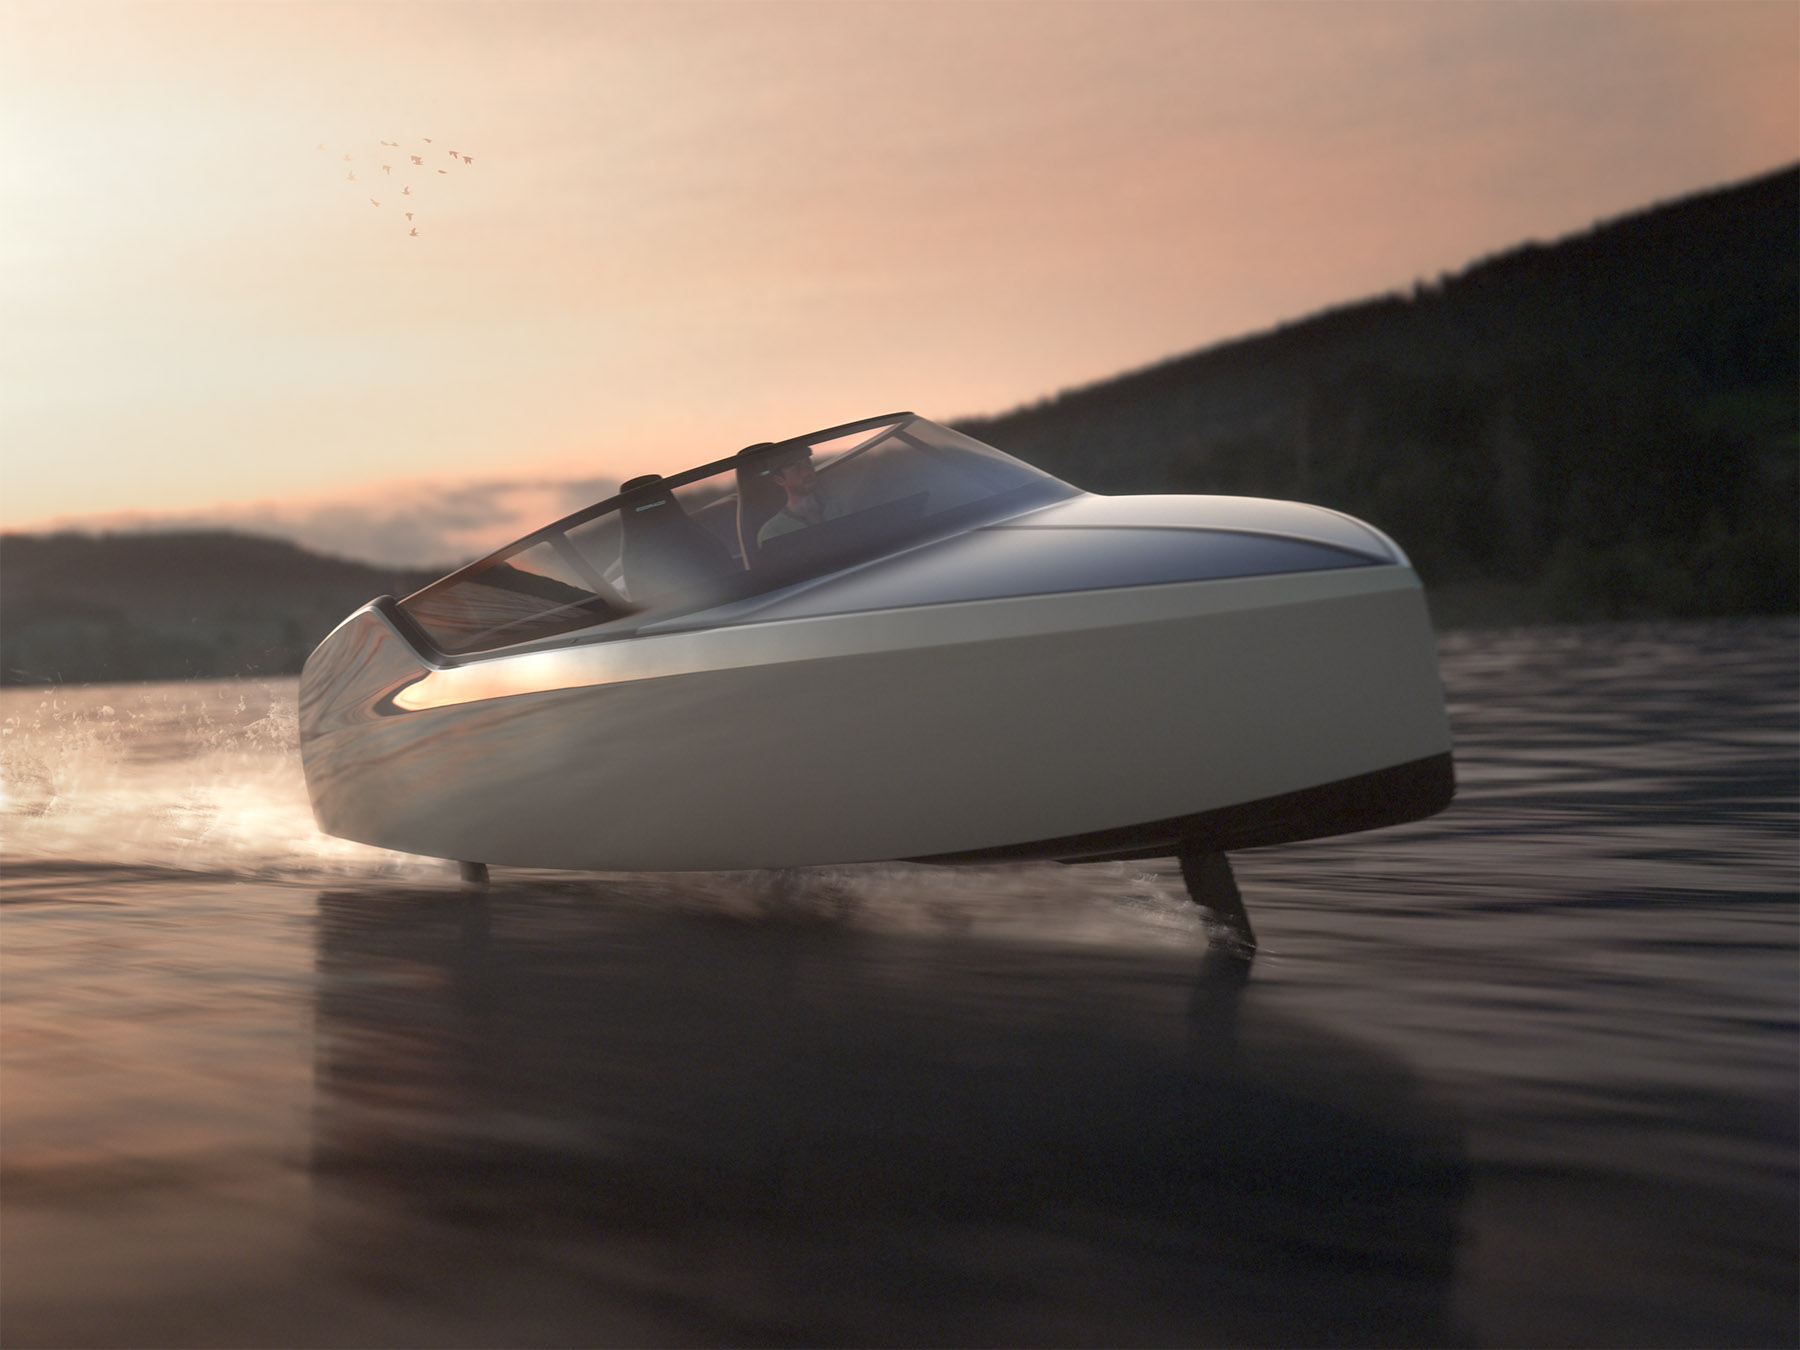 Ez a futurisztikus csónak akár 70 km/órával is repülhet a víz felett 2